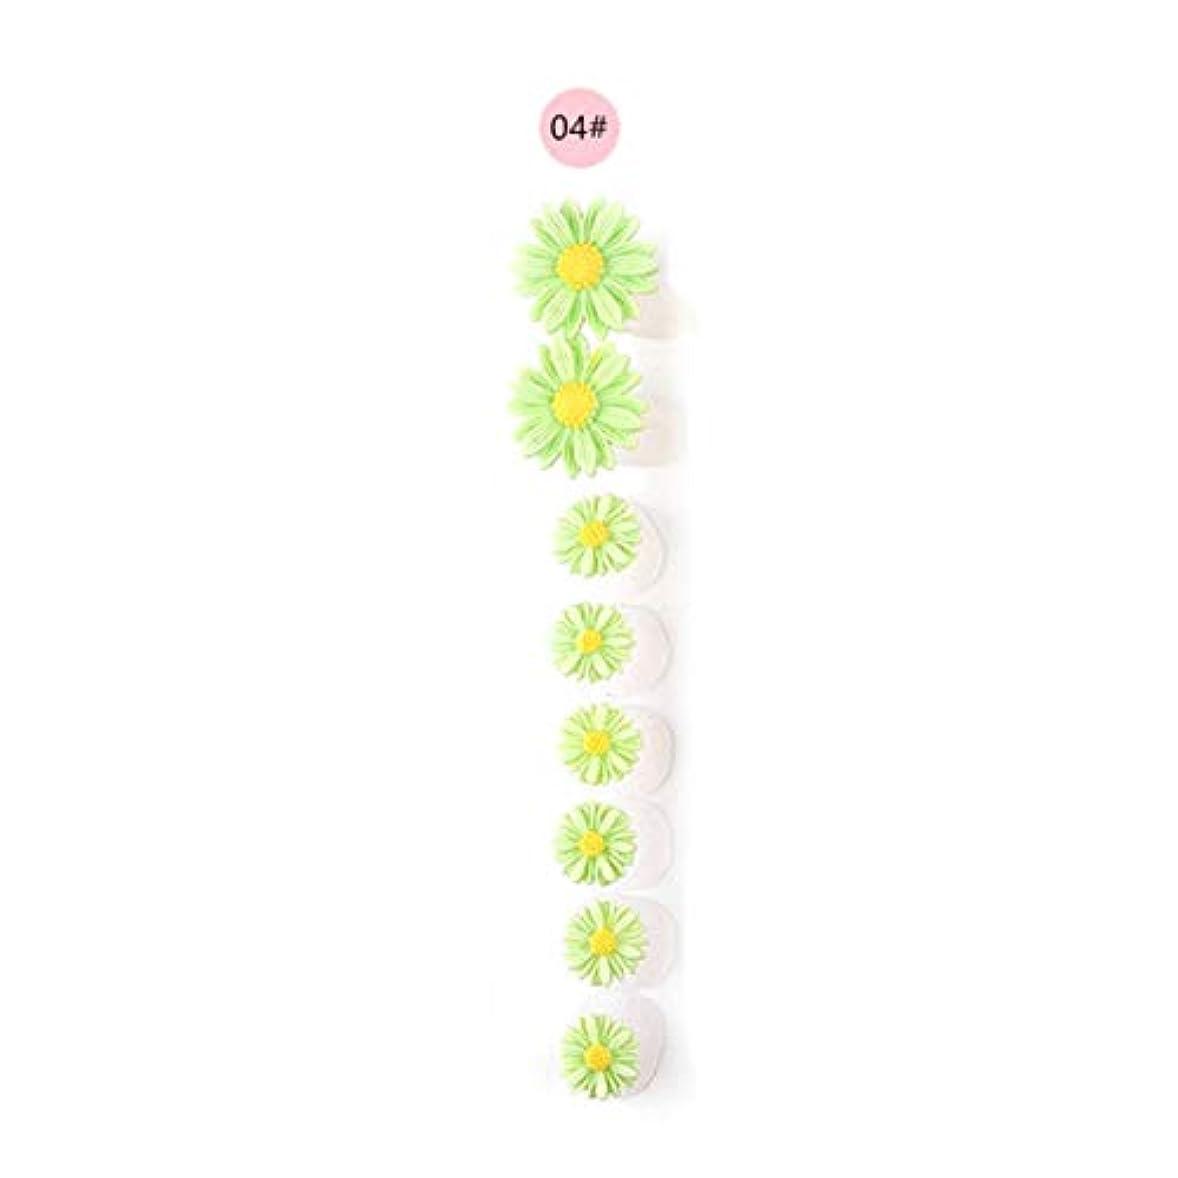 自分のためにいつアンティーク8ピース/セットシリコンつま先セパレーター足つま先スペーサー花形ペディキュアDIYネイルアートツール-カラフル04#